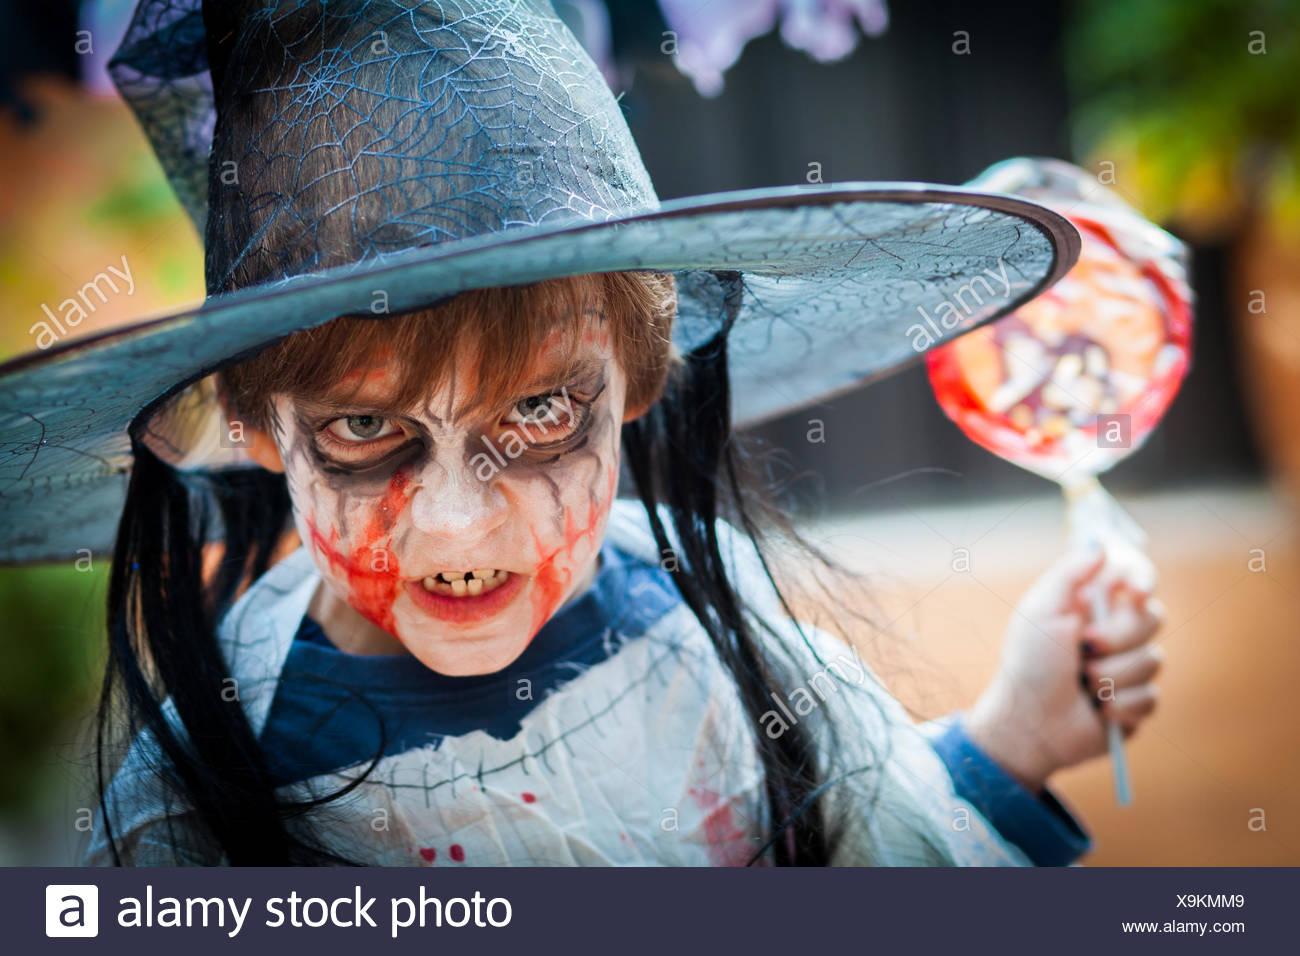 Porträt eines Jungen als Hexe für Halloween gekleidet Stockfoto